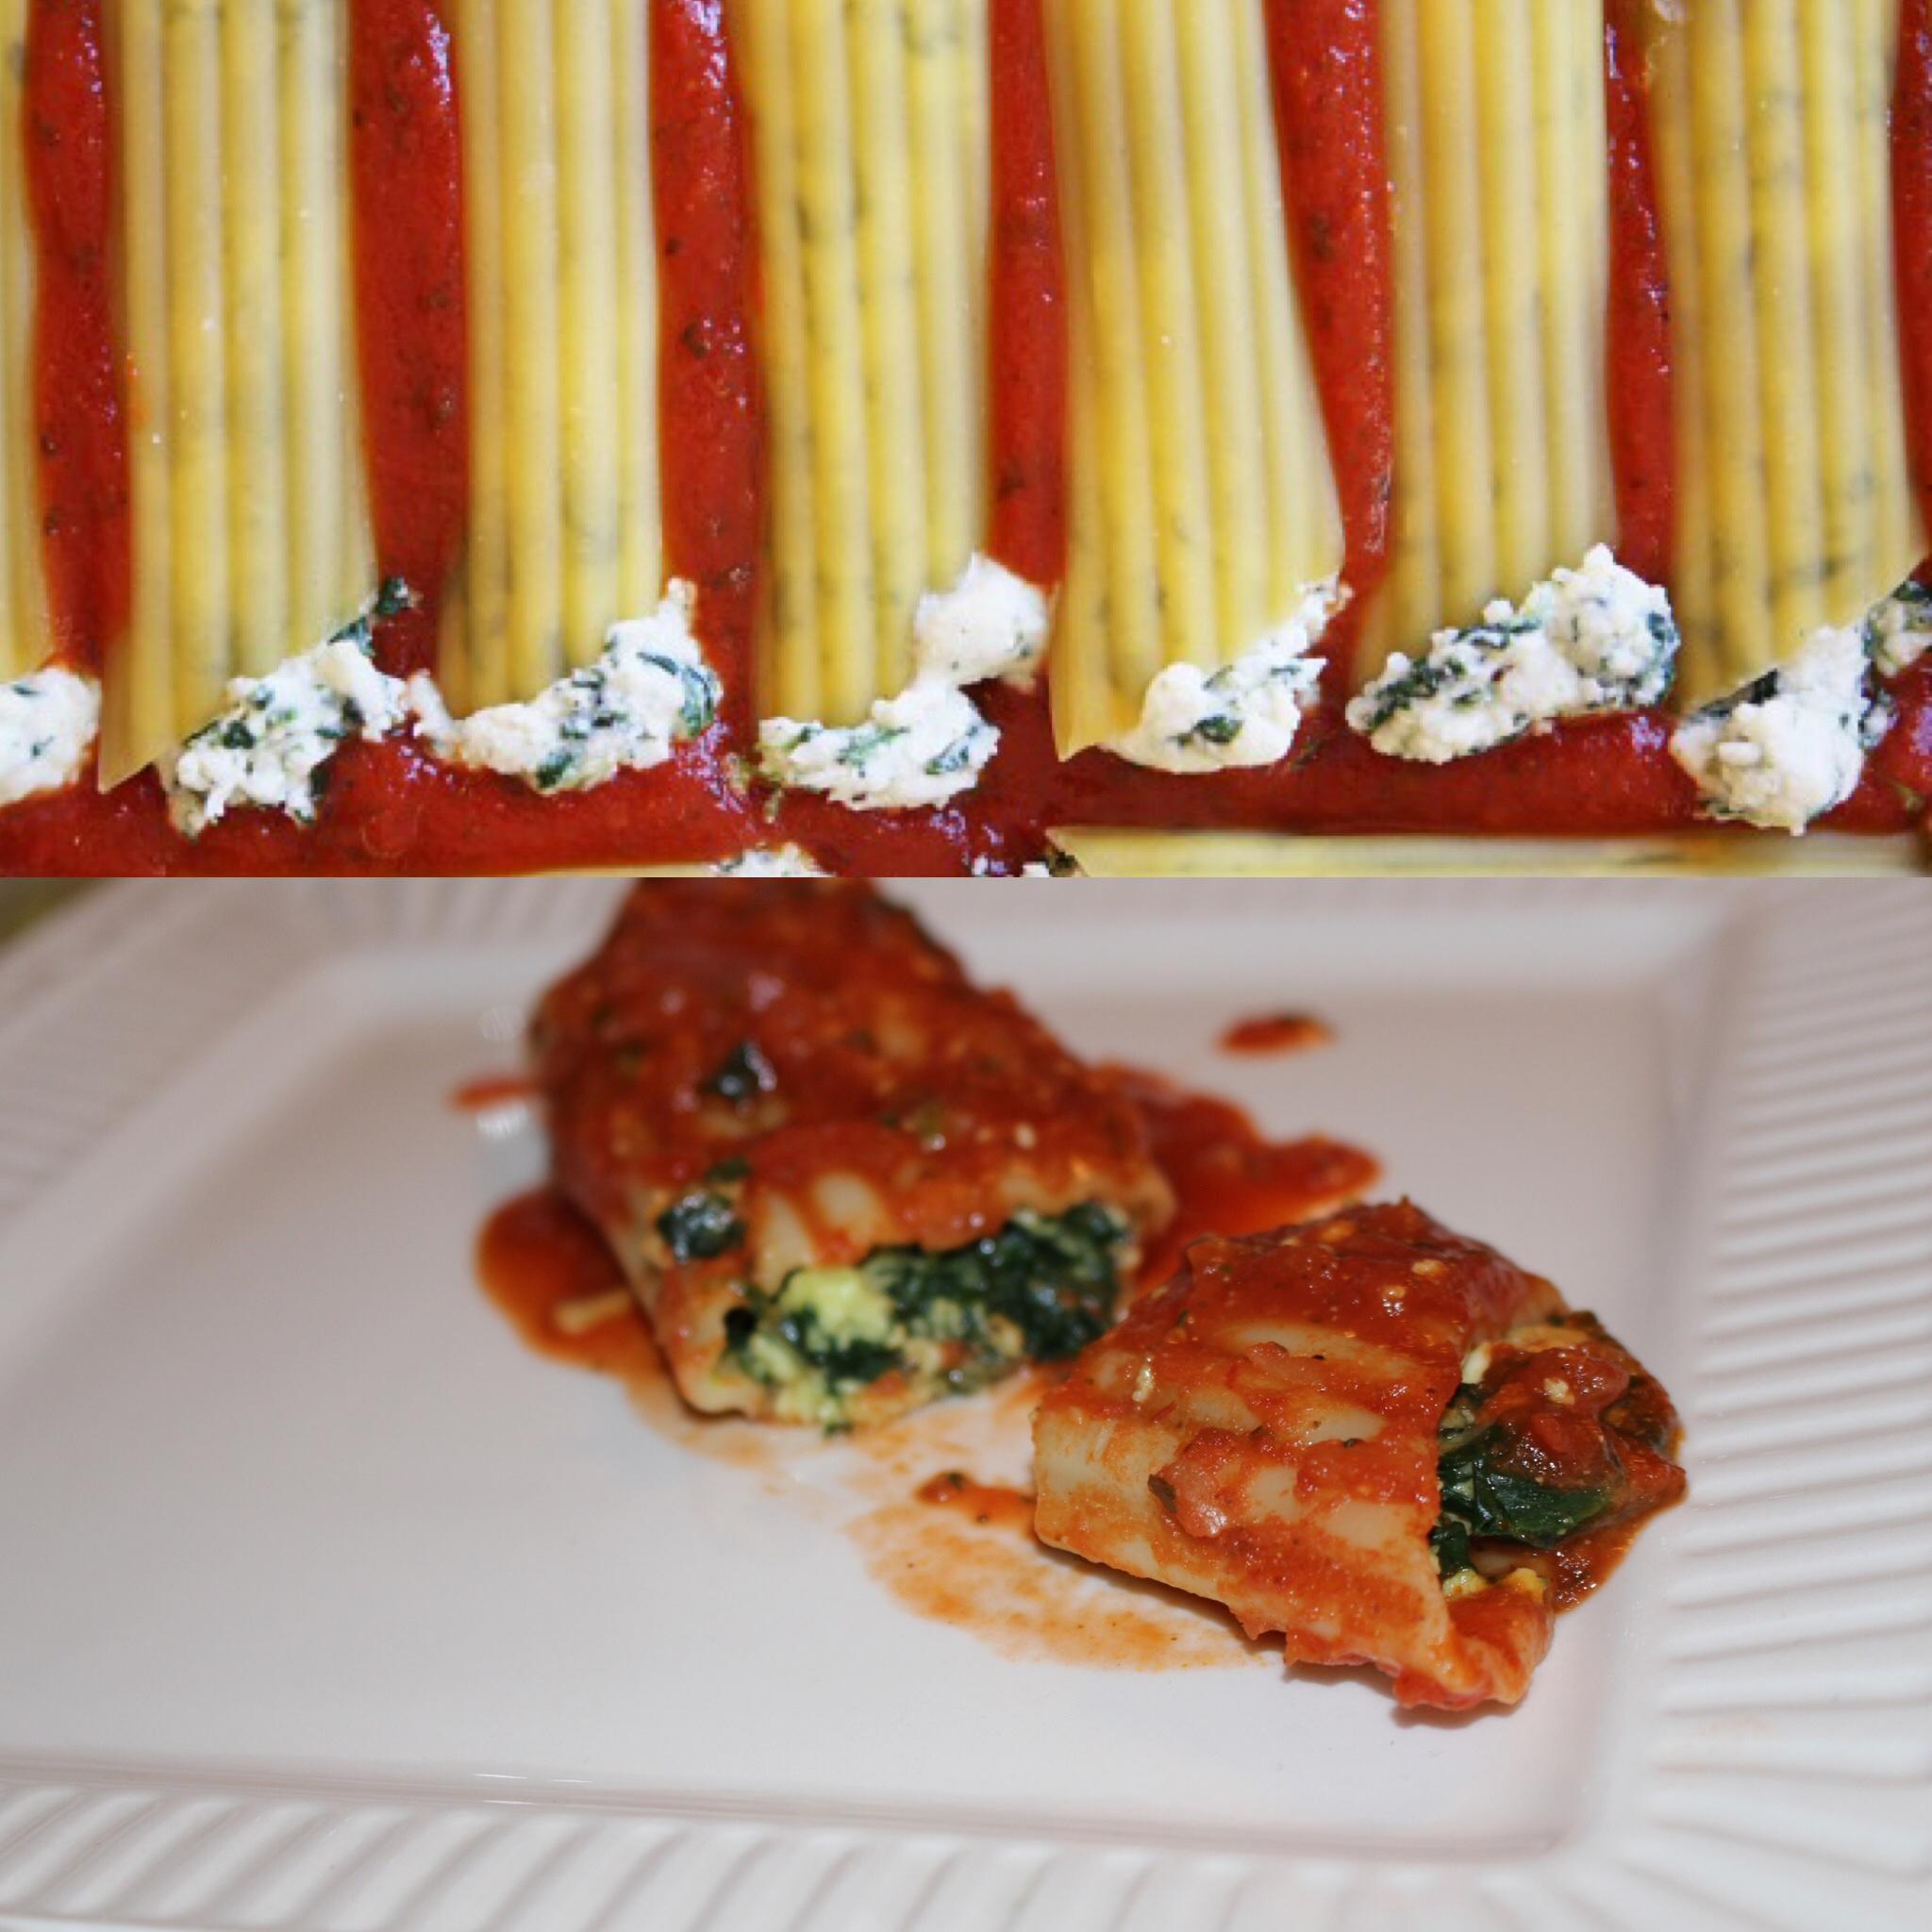 Spinach-Ricotta stuffed Manicotti